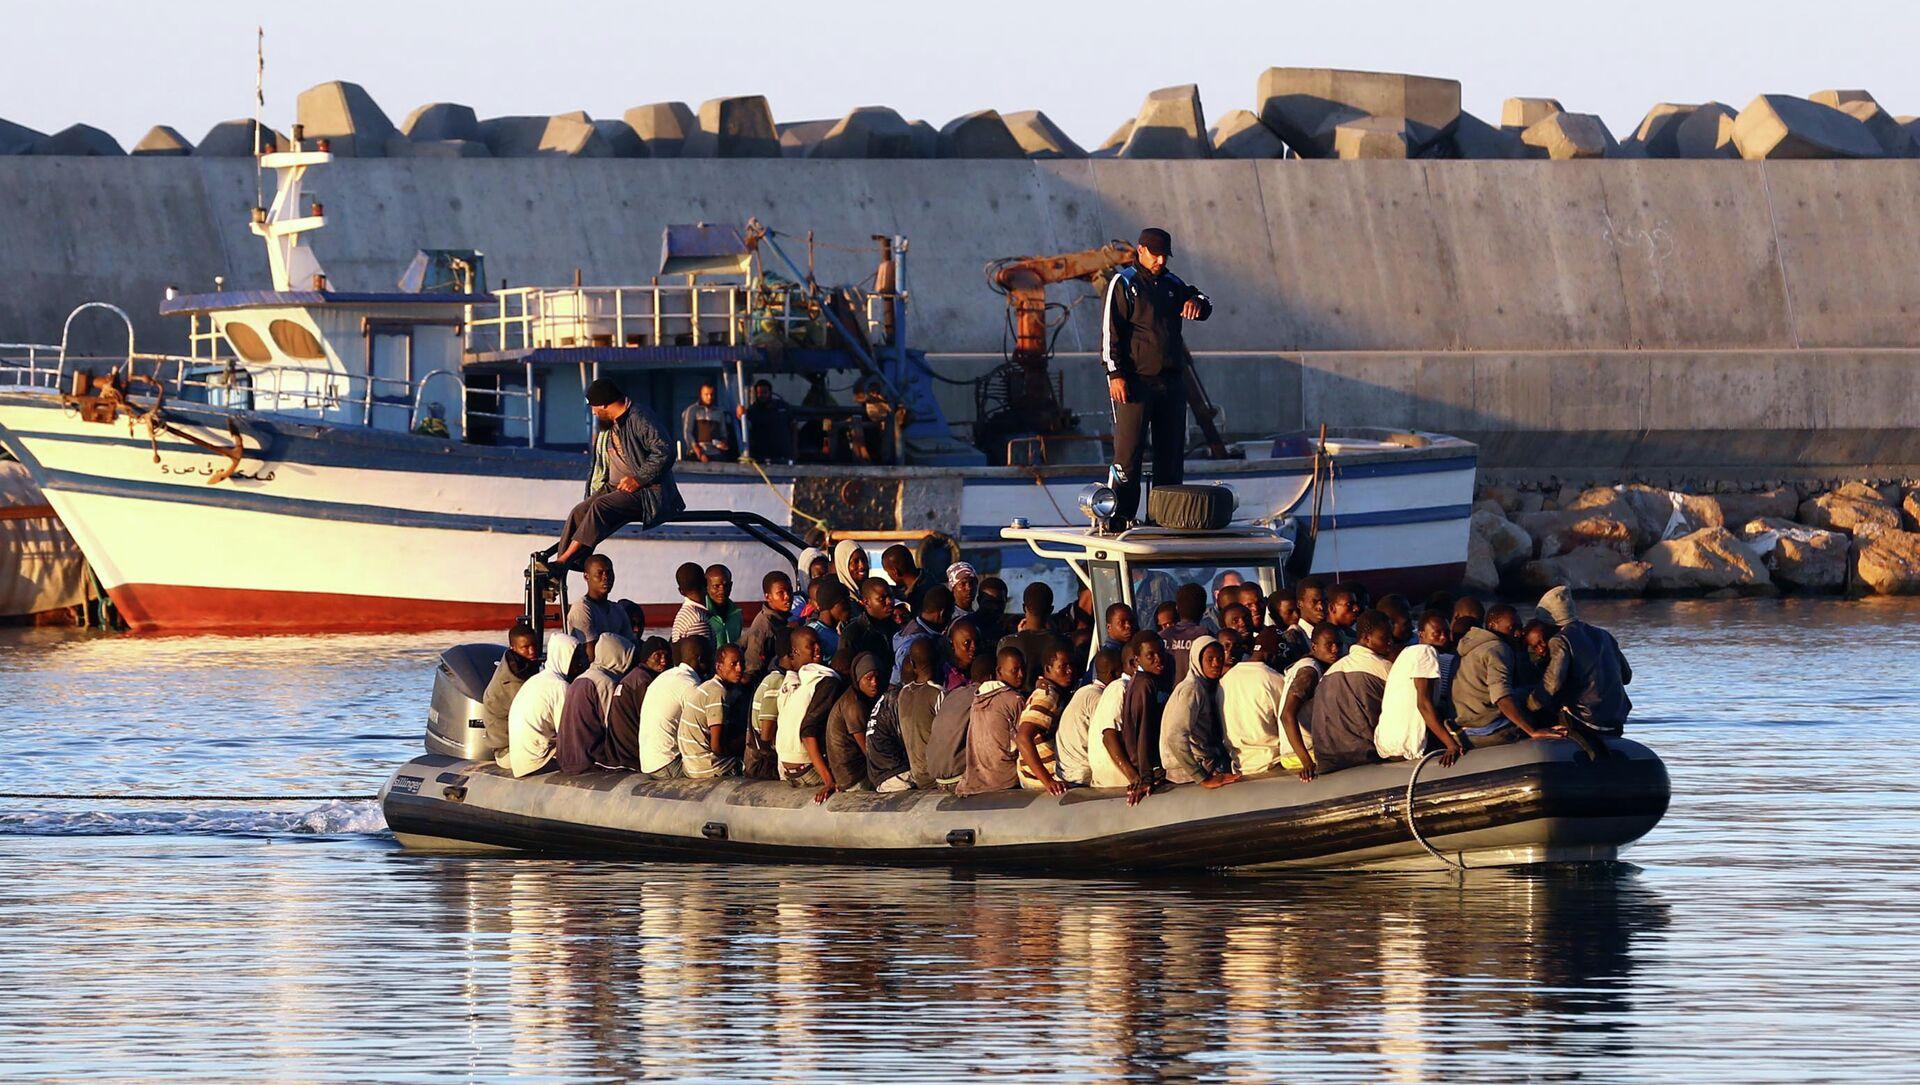 Migranti su una delle tante carrette del mare in navigazione nel mare tra la Libia e l'Italia. - Sputnik Italia, 1920, 27.04.2021